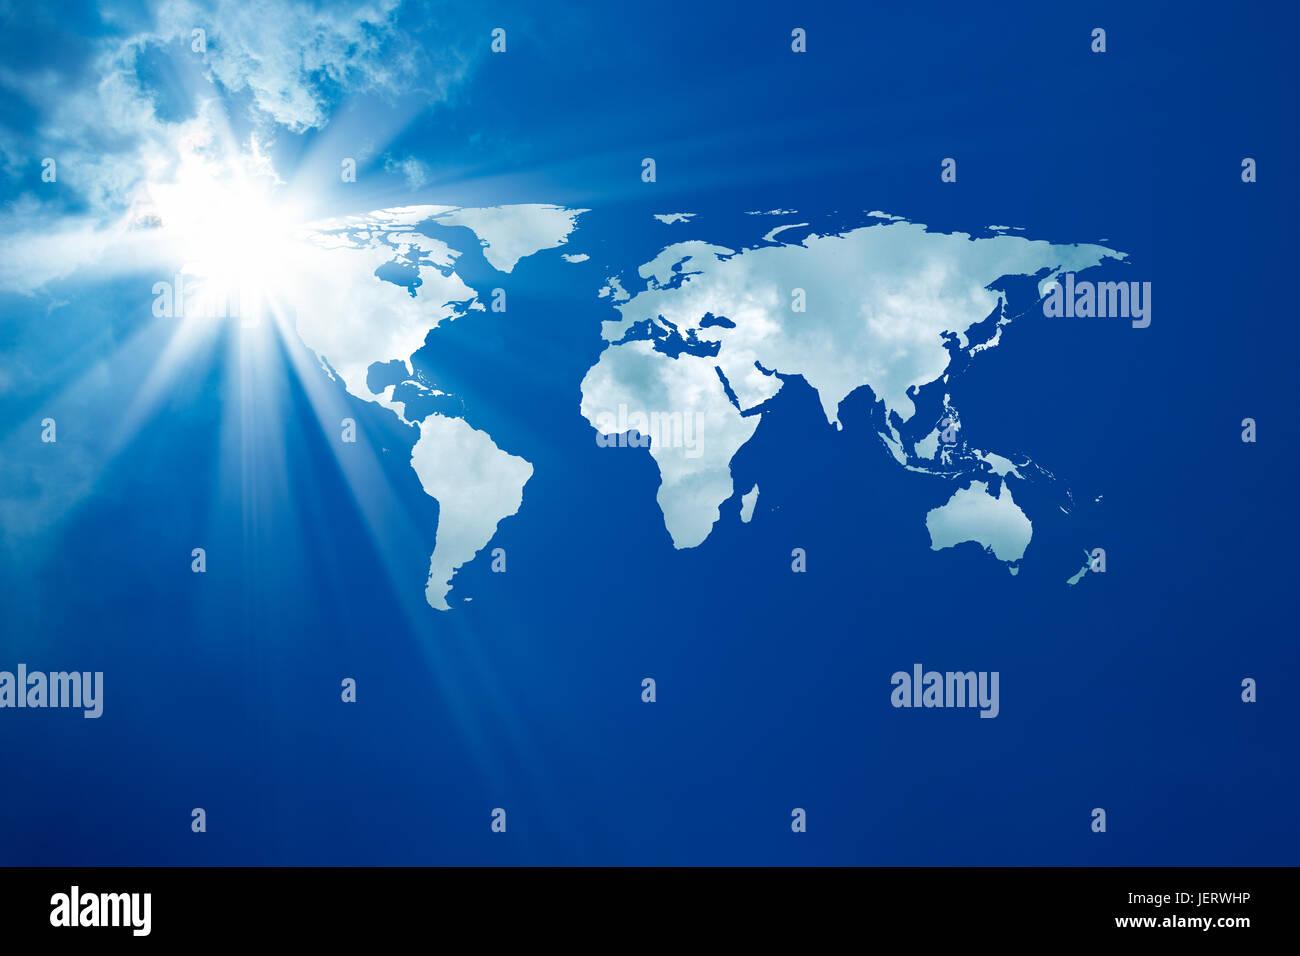 Concettuale dell'immagine di sfondo della mappa del mondo. Arredate NASA mondo immagine utilizzata per questa Immagini Stock